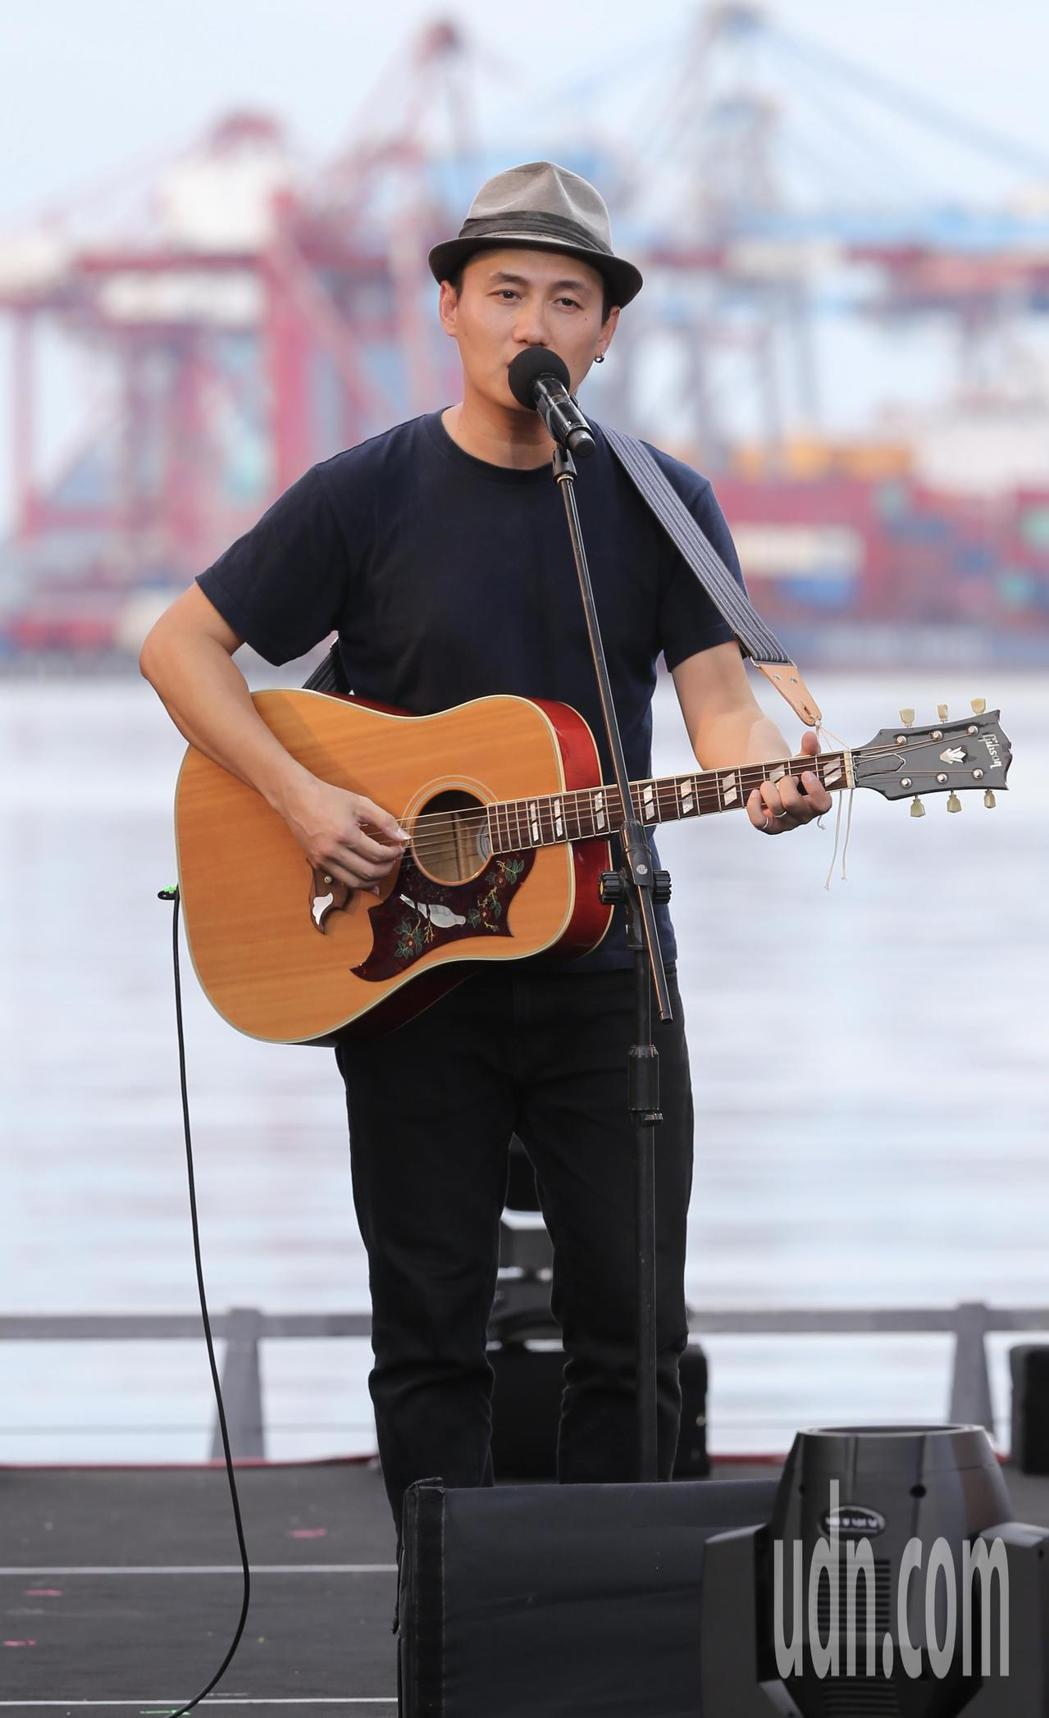 公視台語頻道在基隆舉辦「開港做陣出帆」開台典禮,並在海洋廣場搭建舞台,讓吳志寧(...